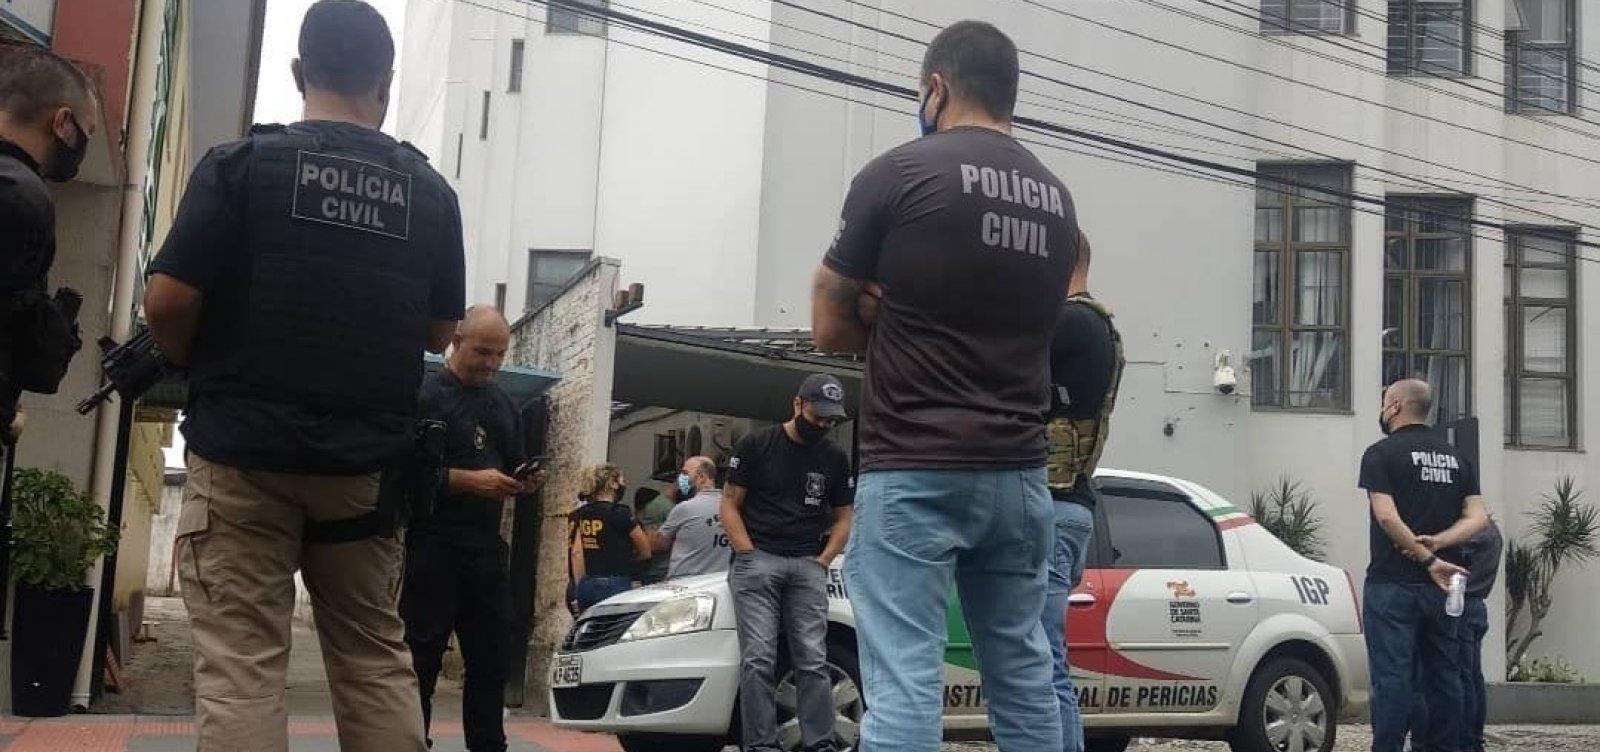 Nordeste registra 20% de aumento em assassinatos em 2020, diz levantamento